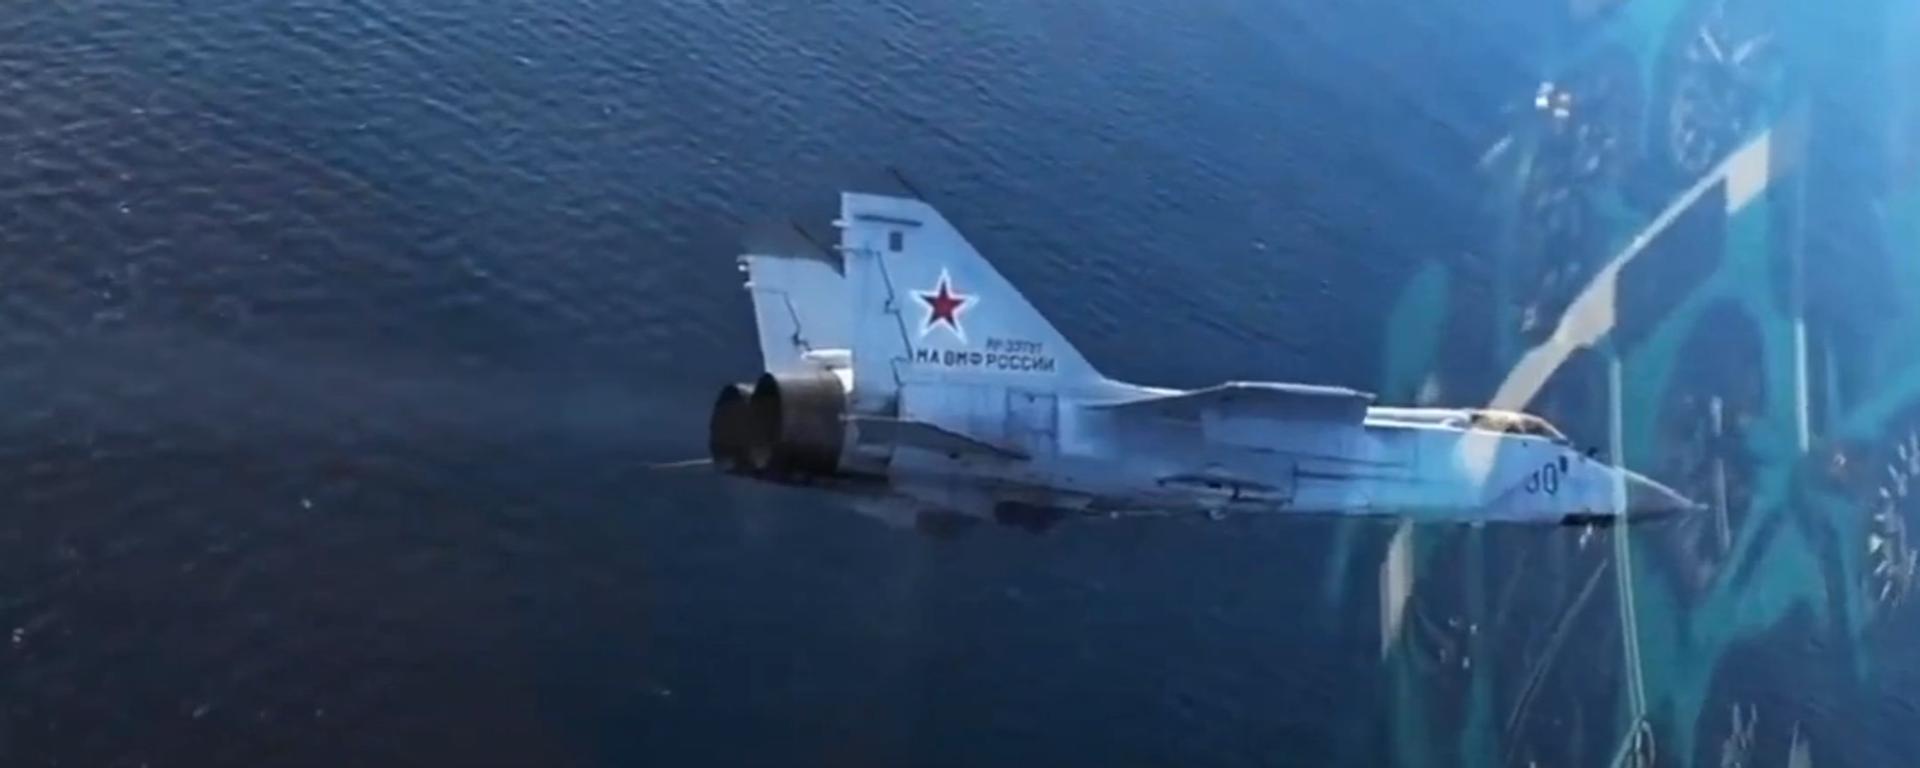 Stíhací letouny MiG-31 provedly raketové střelby nad Tichým oceánem  - Sputnik Česká republika, 1920, 20.04.2021